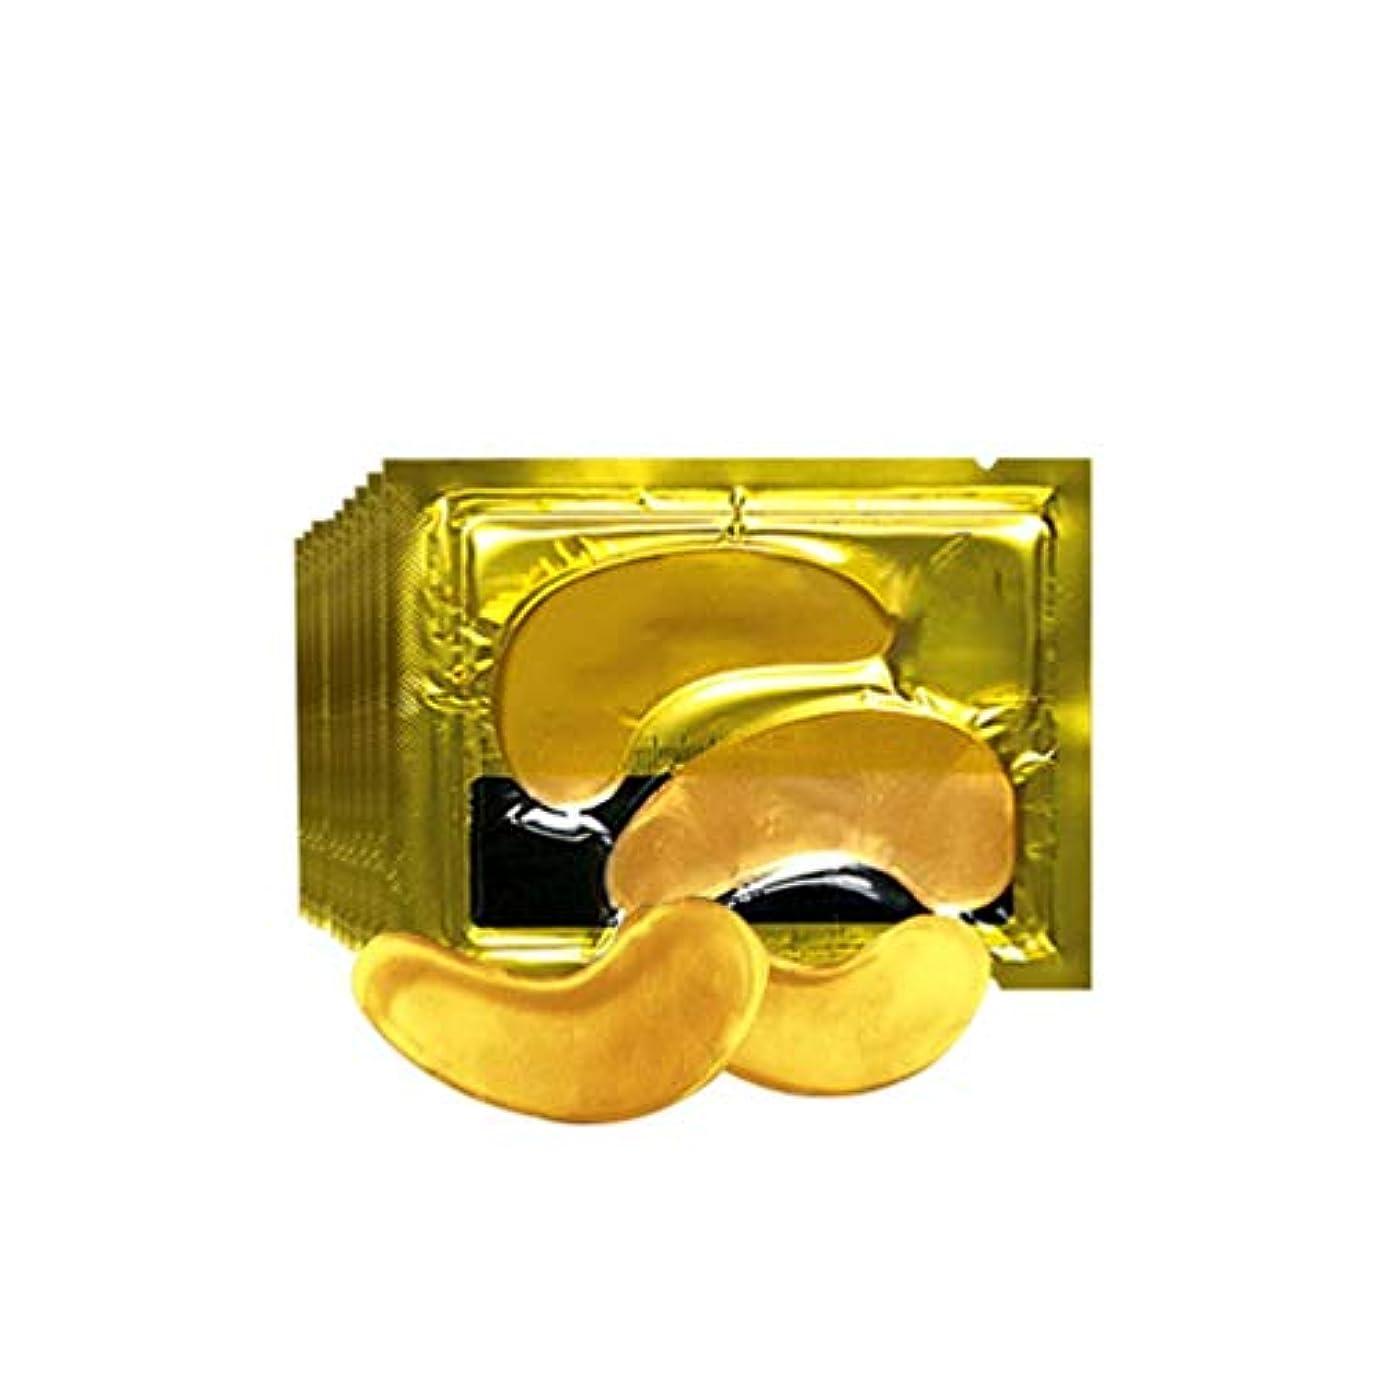 安全性切るマングル24Kアイマスク削除ダークサークルアンチシワ保湿アンチエイジングアンチパフアイバッグビューティファーミングアイマスク - イエロー